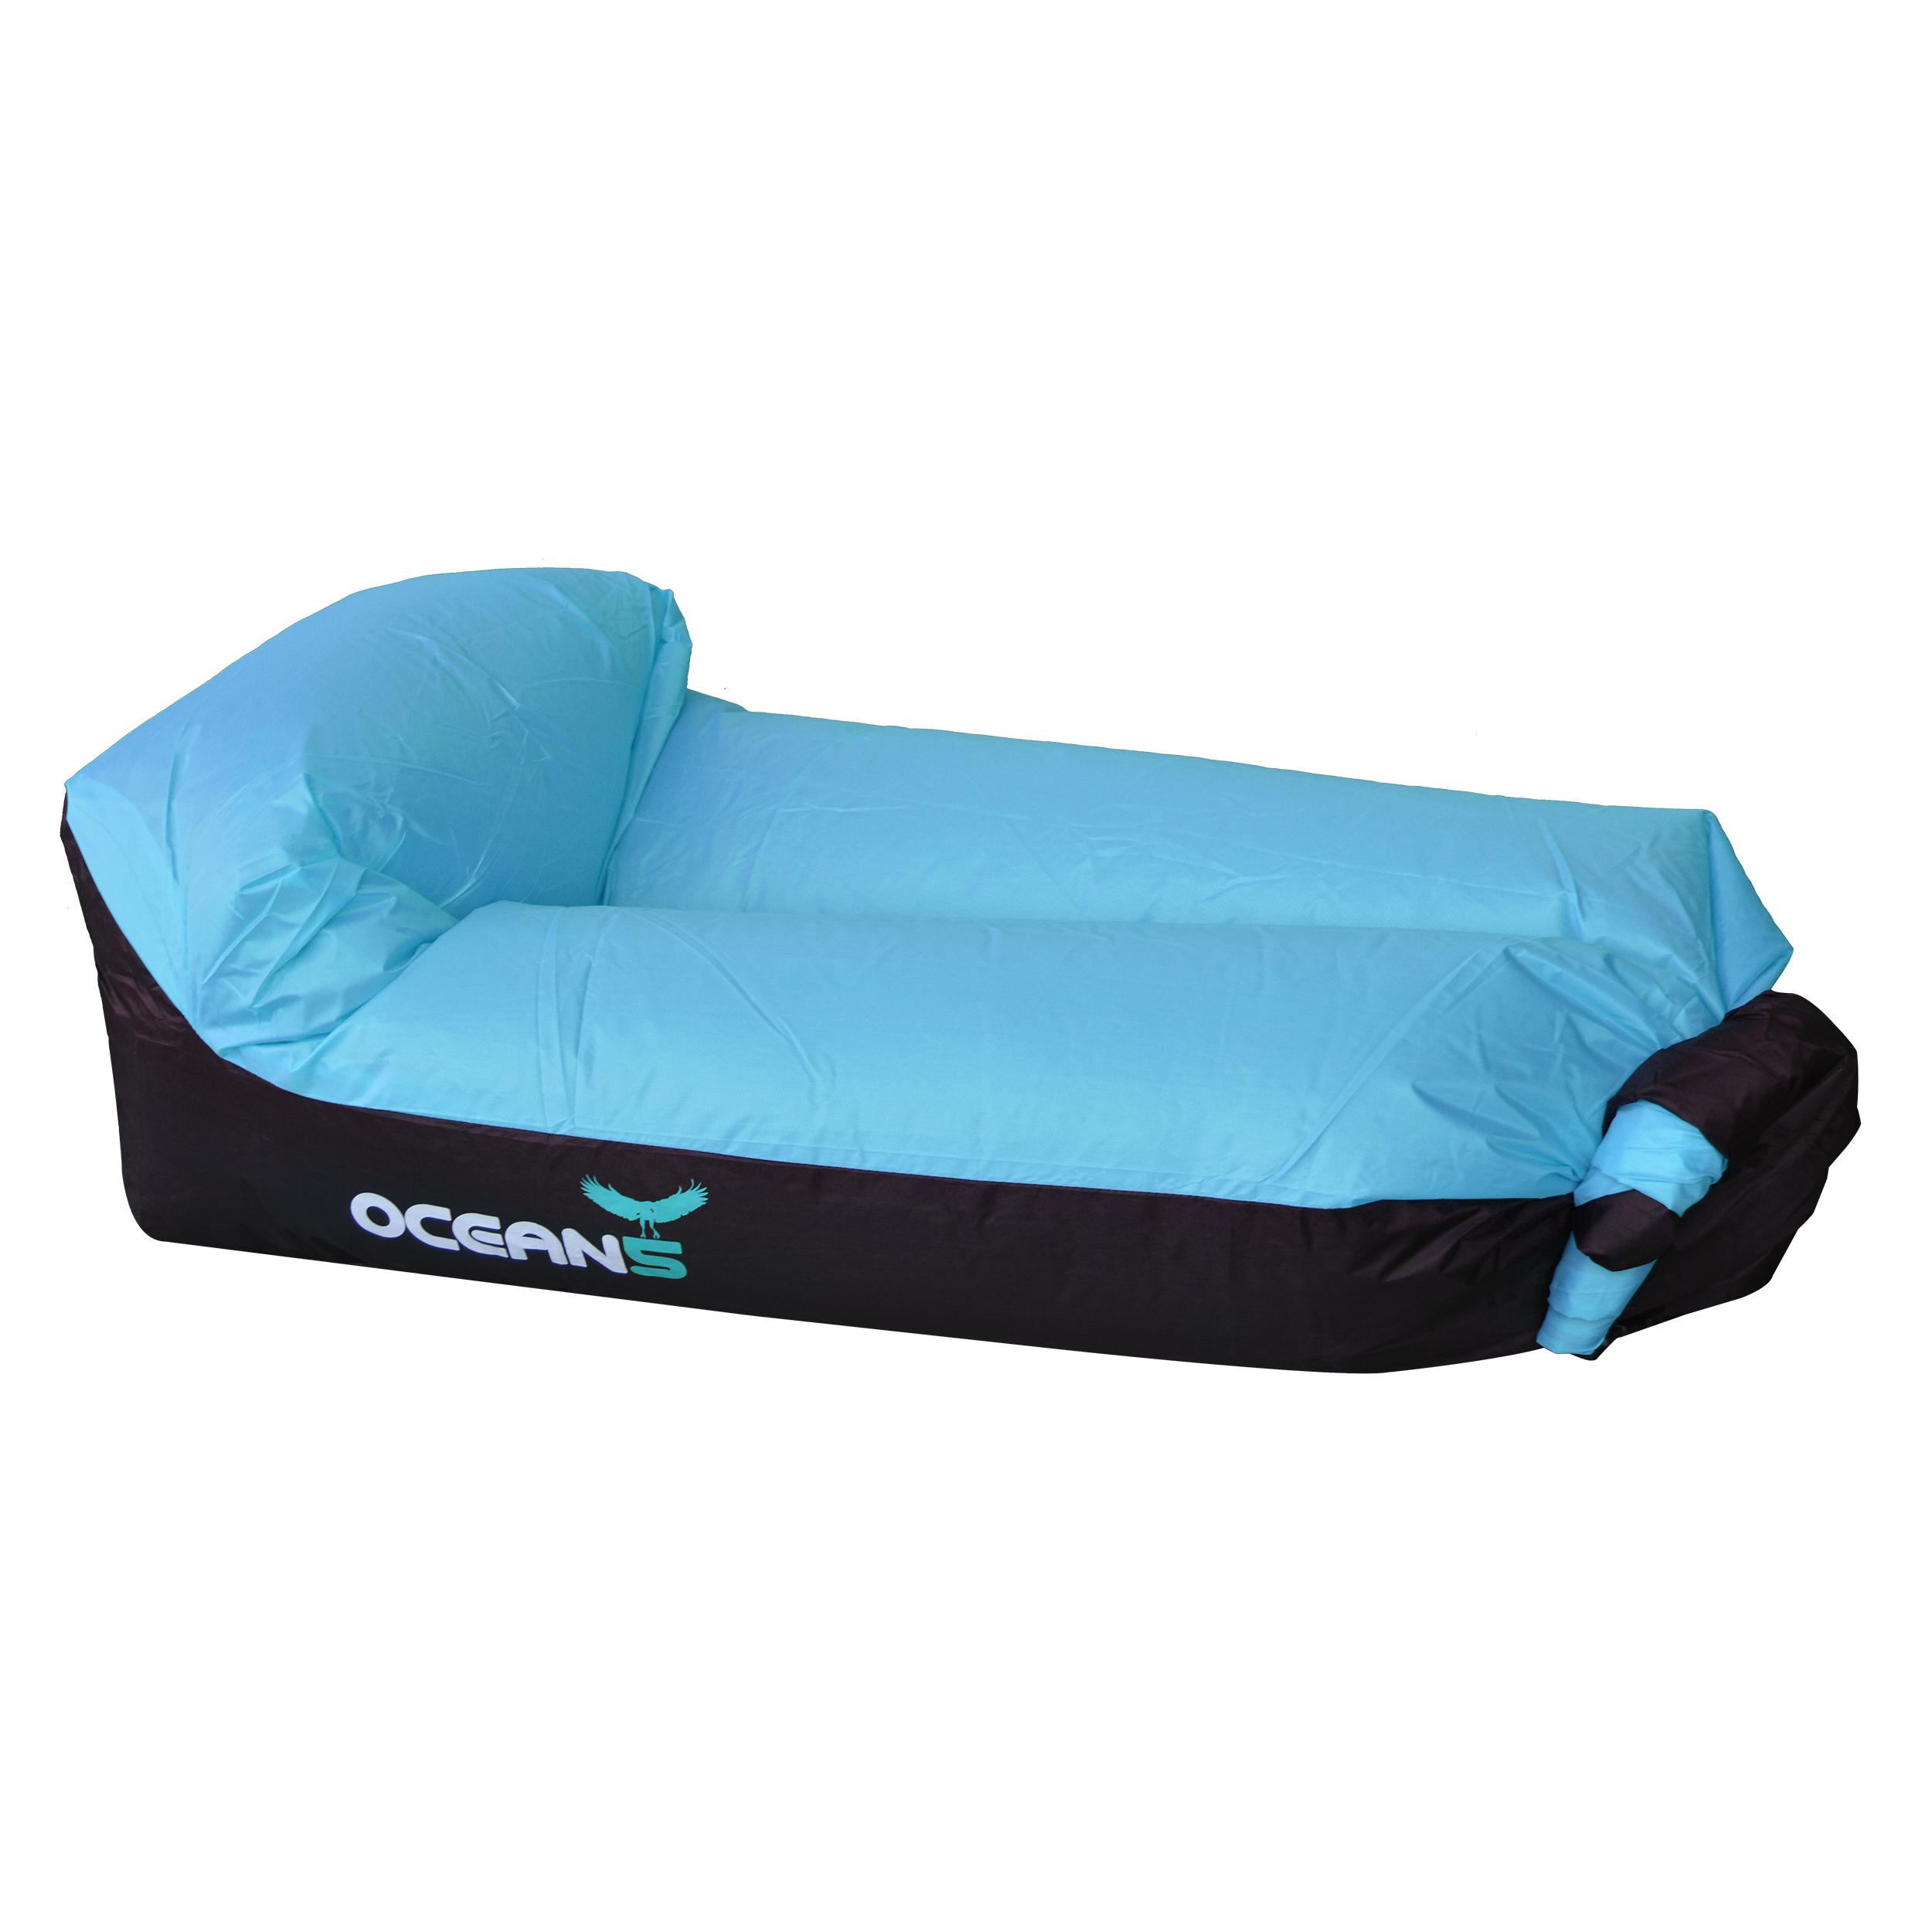 Ocean5 Luftsofa / Air Lounger - Blau/Schwarz